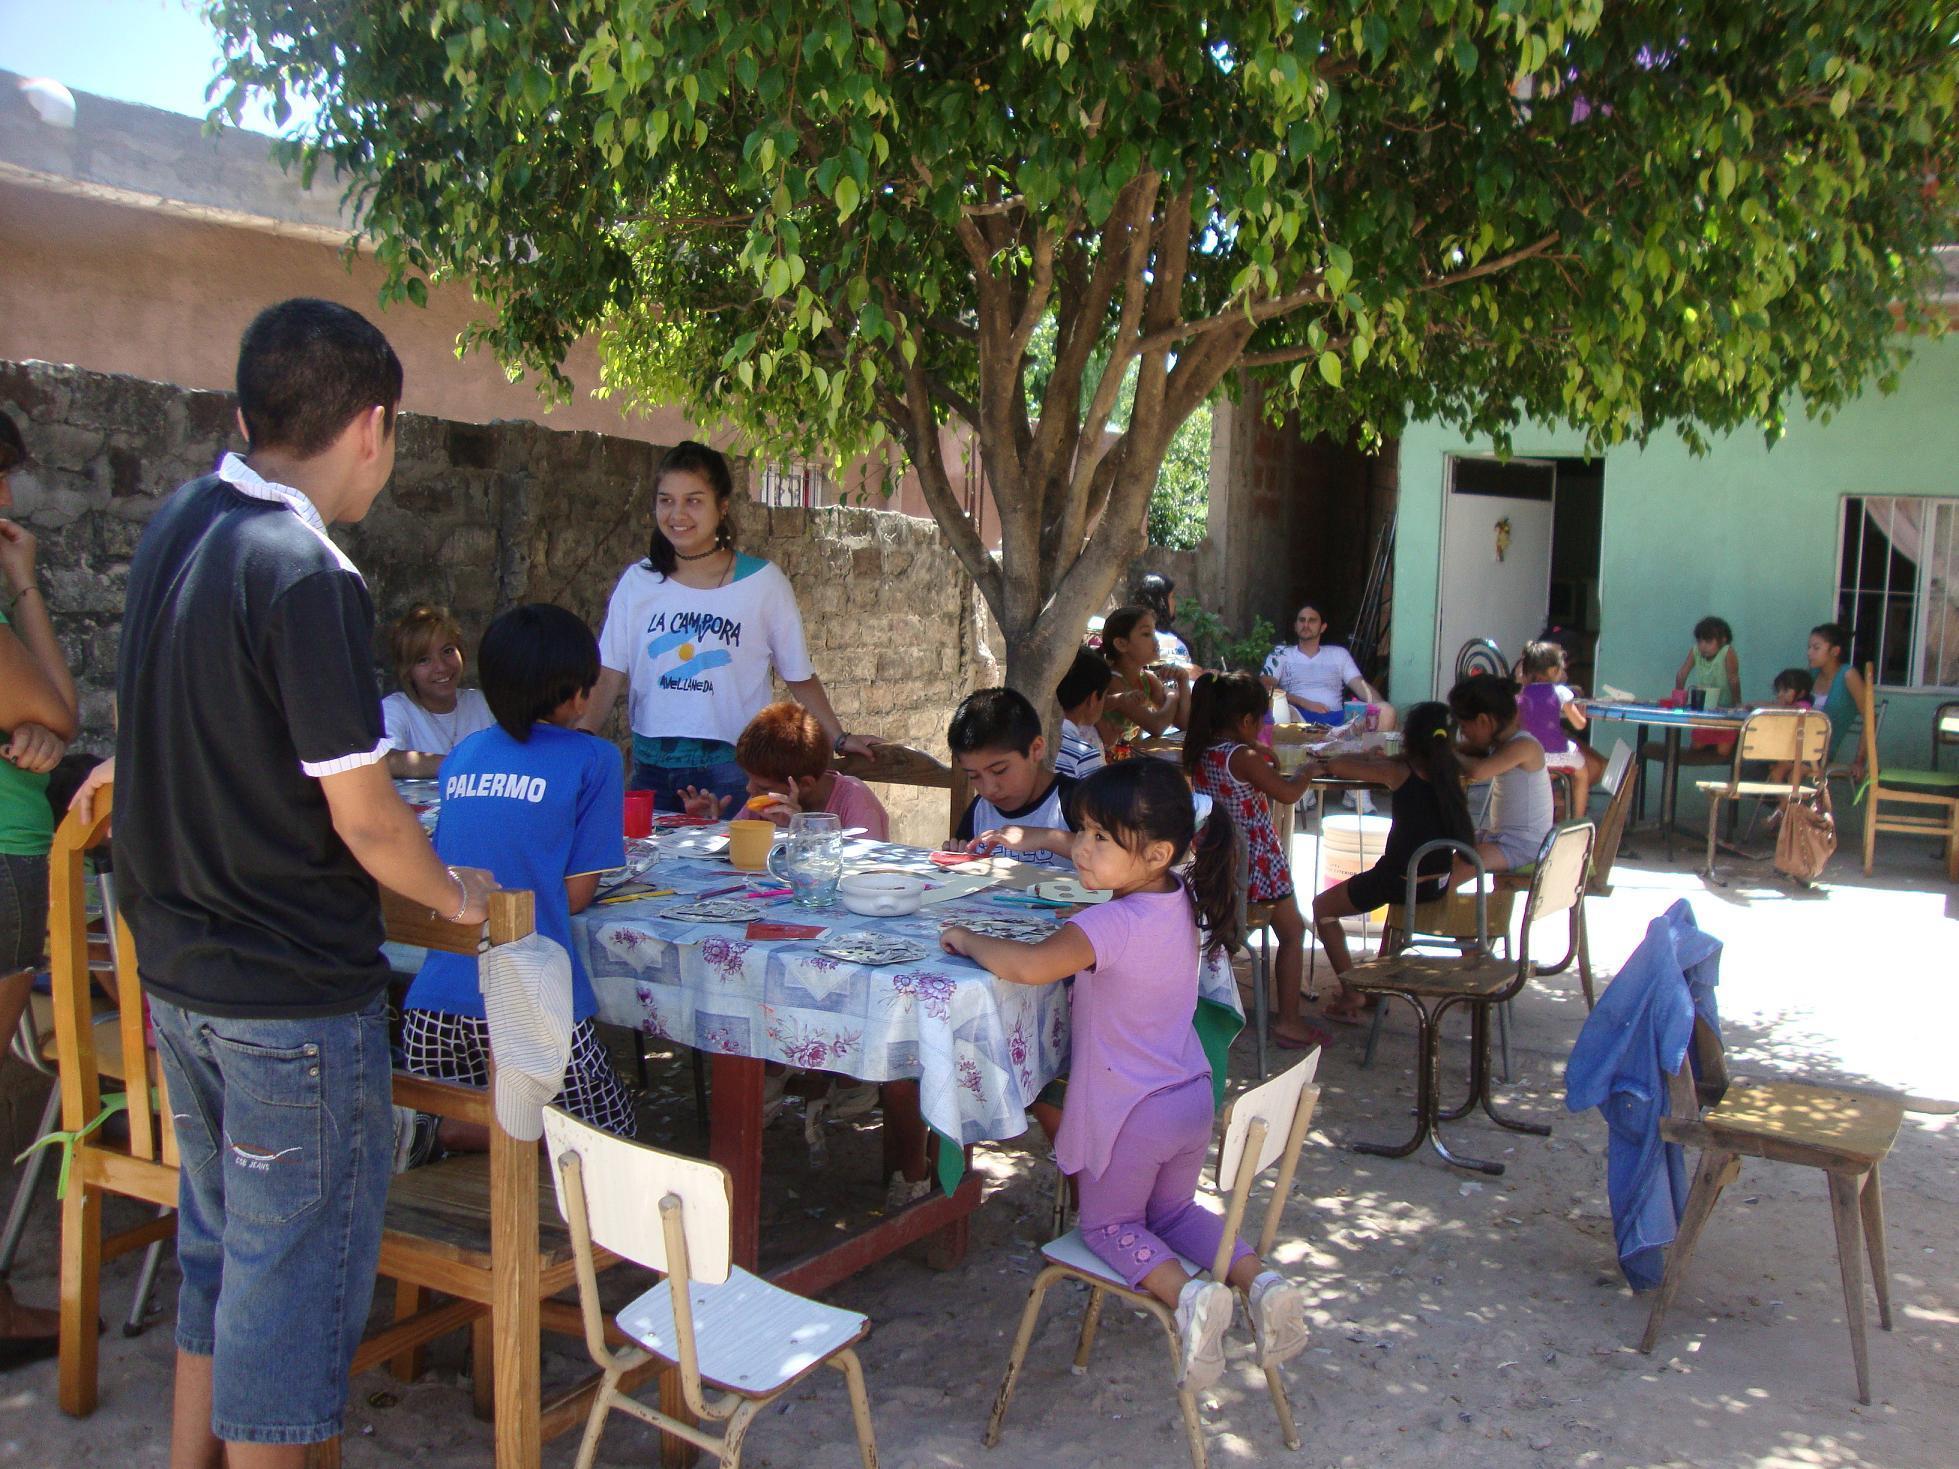 actividad-recreativa-en-el-barrio-santa-catalina-7